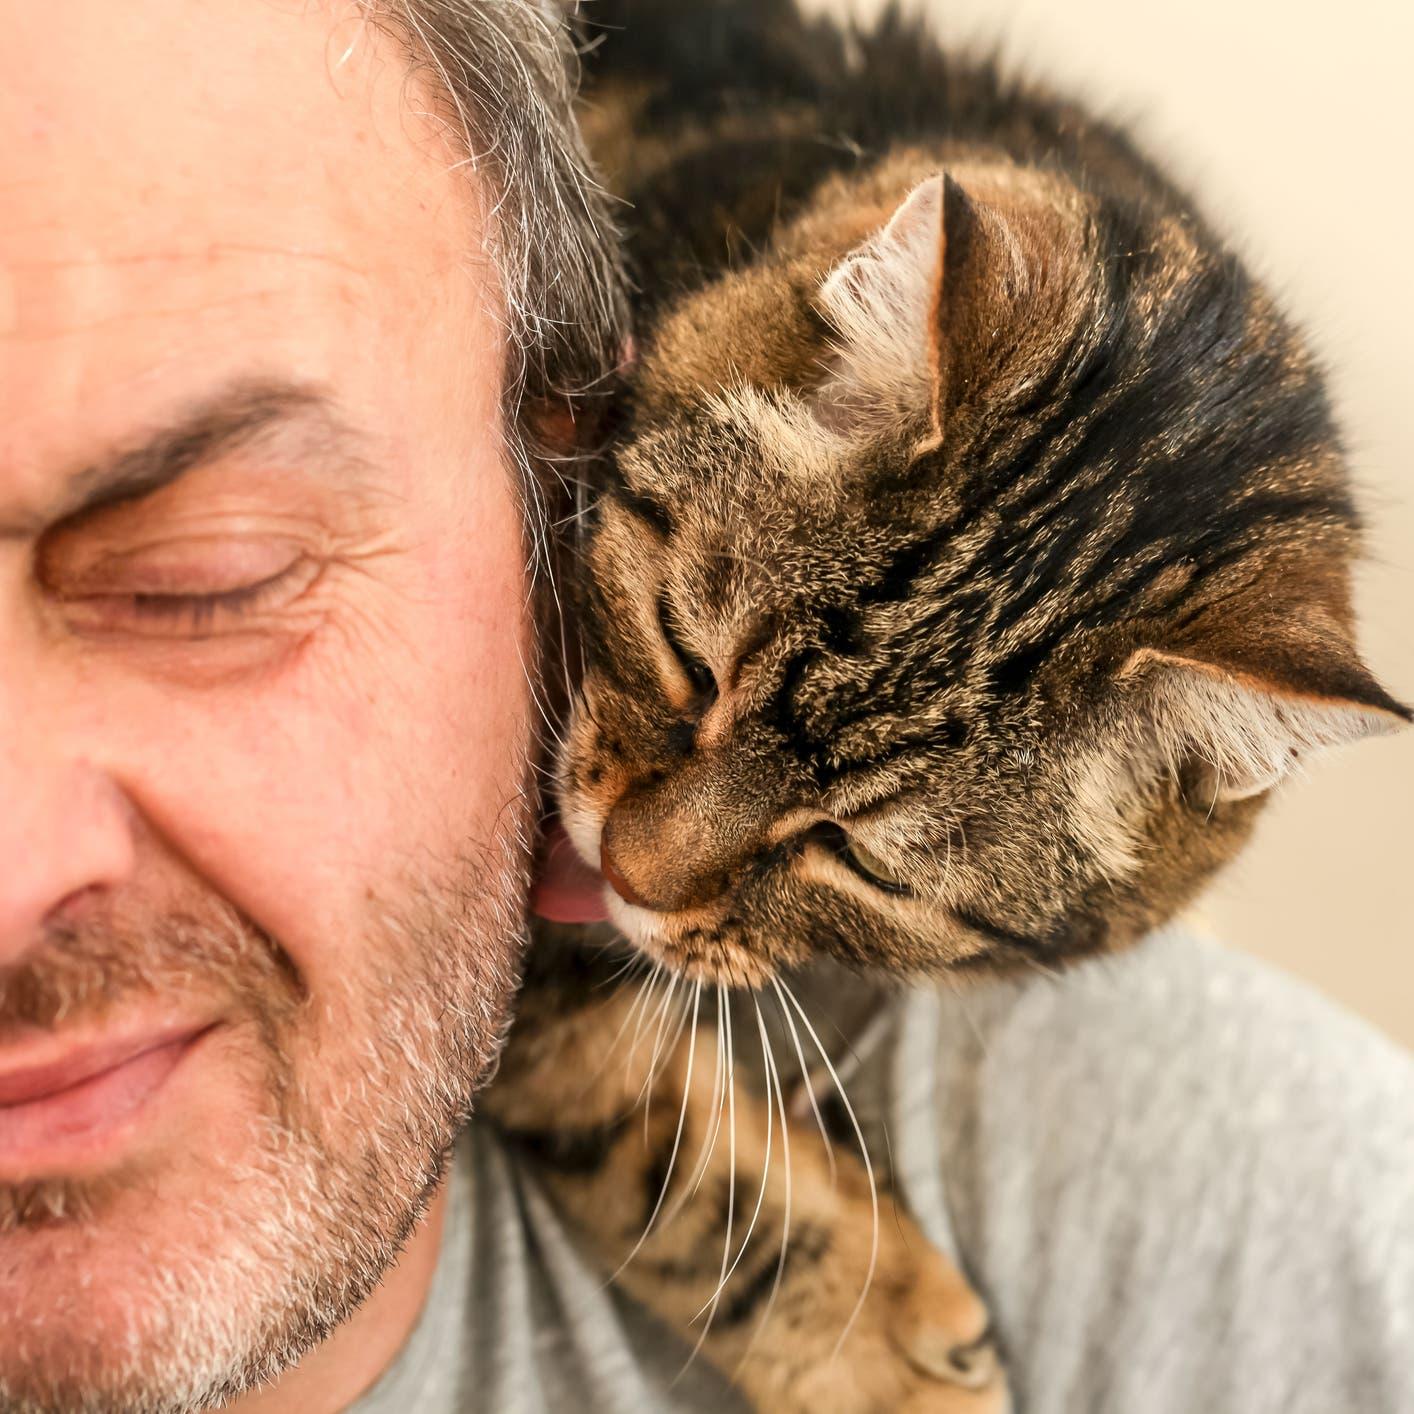 ما علاقة القطة بالاكتئاب؟ دراسة تعرض الفوائد